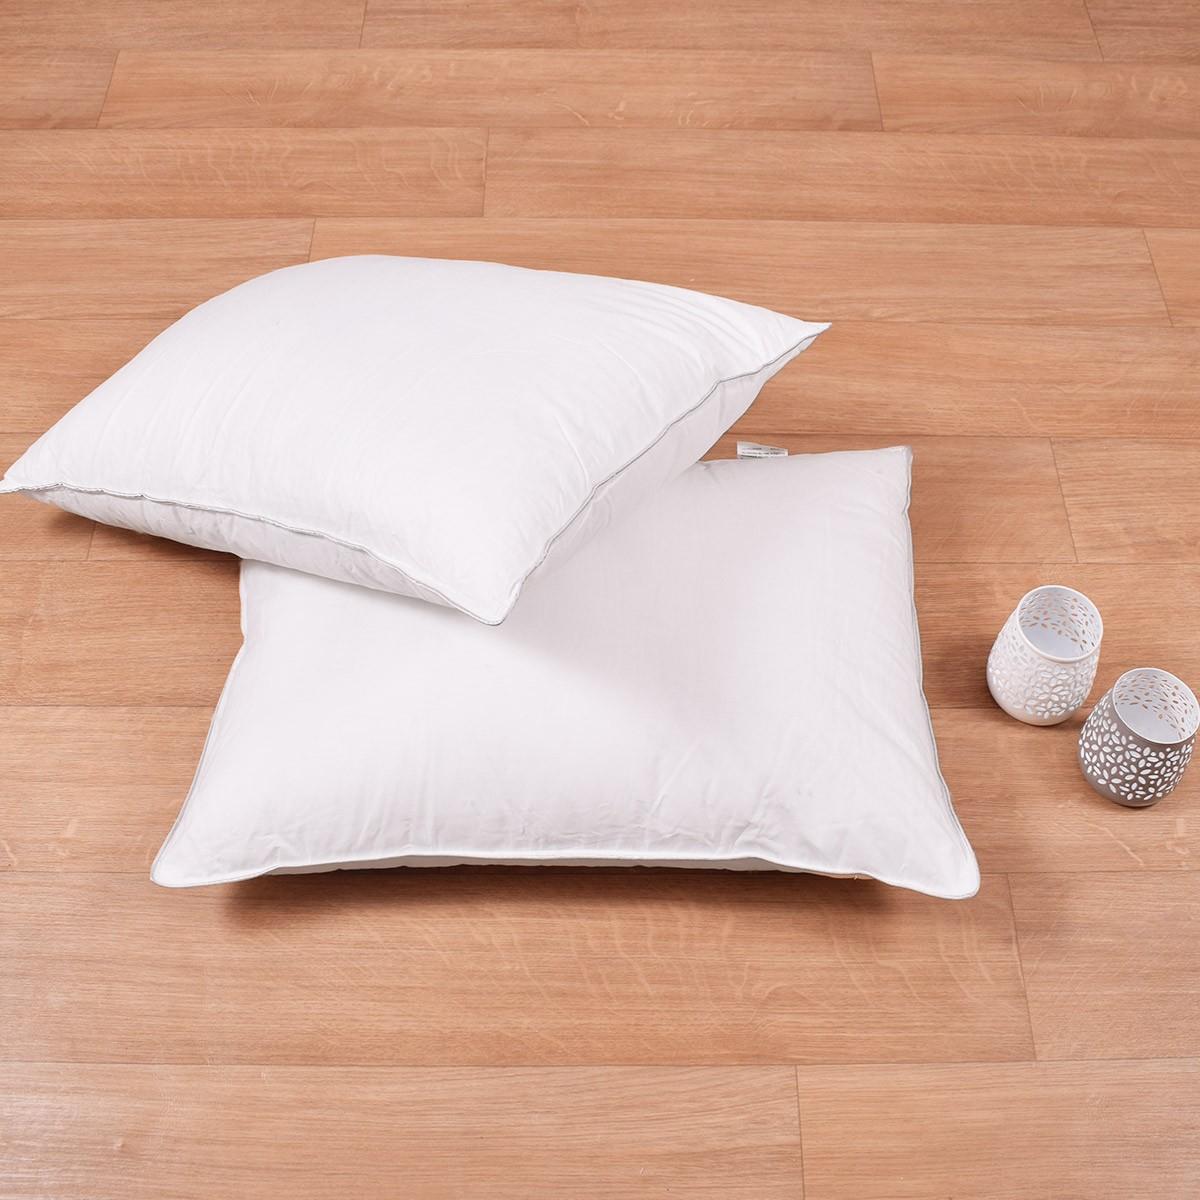 Μαξιλάρι Ύπνου (50x70) Μέτριο 100% Βαμβάκι 1000gr/m2